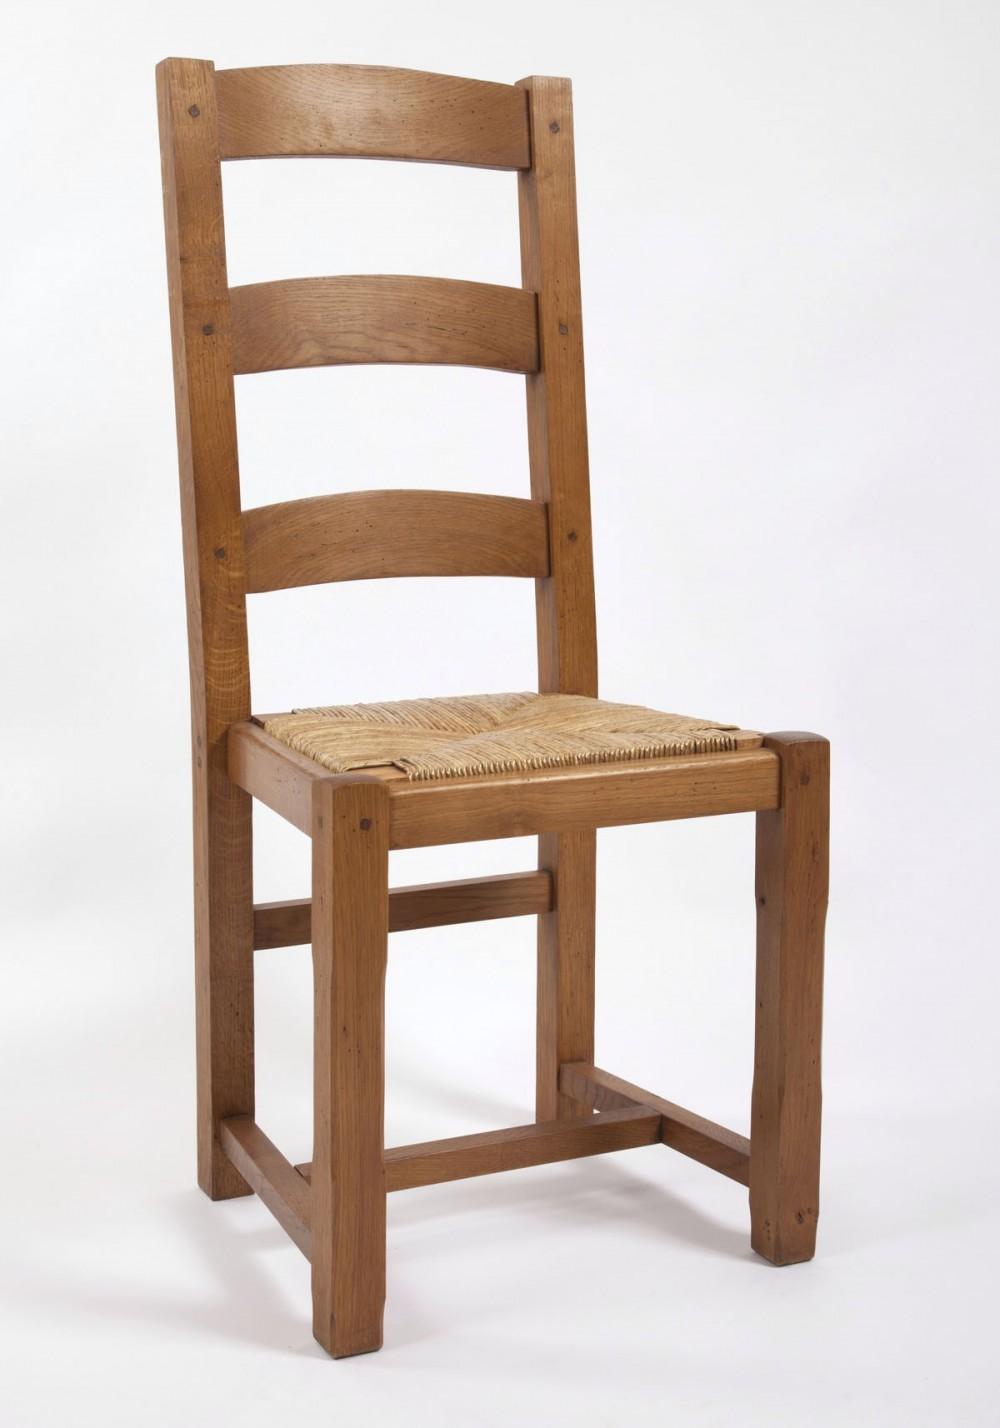 la chaise artisanale